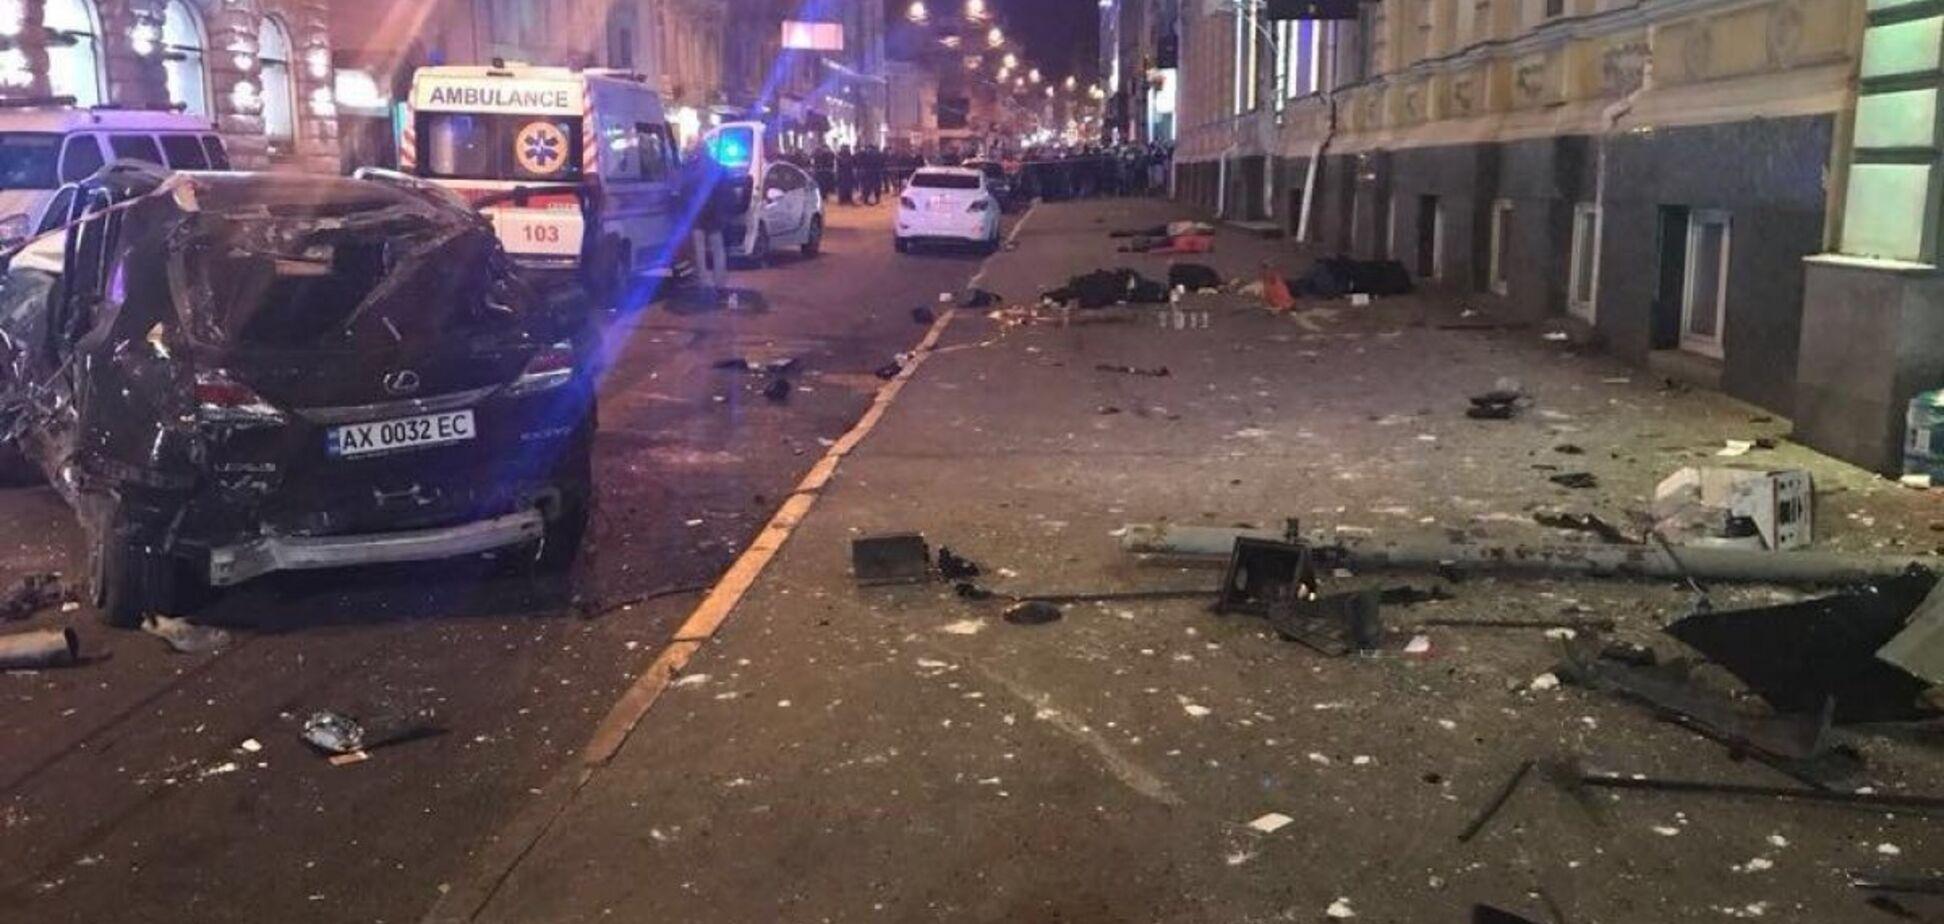 Жахлива ДТП у Харкові: названа сума матеріальної допомоги постраждалим